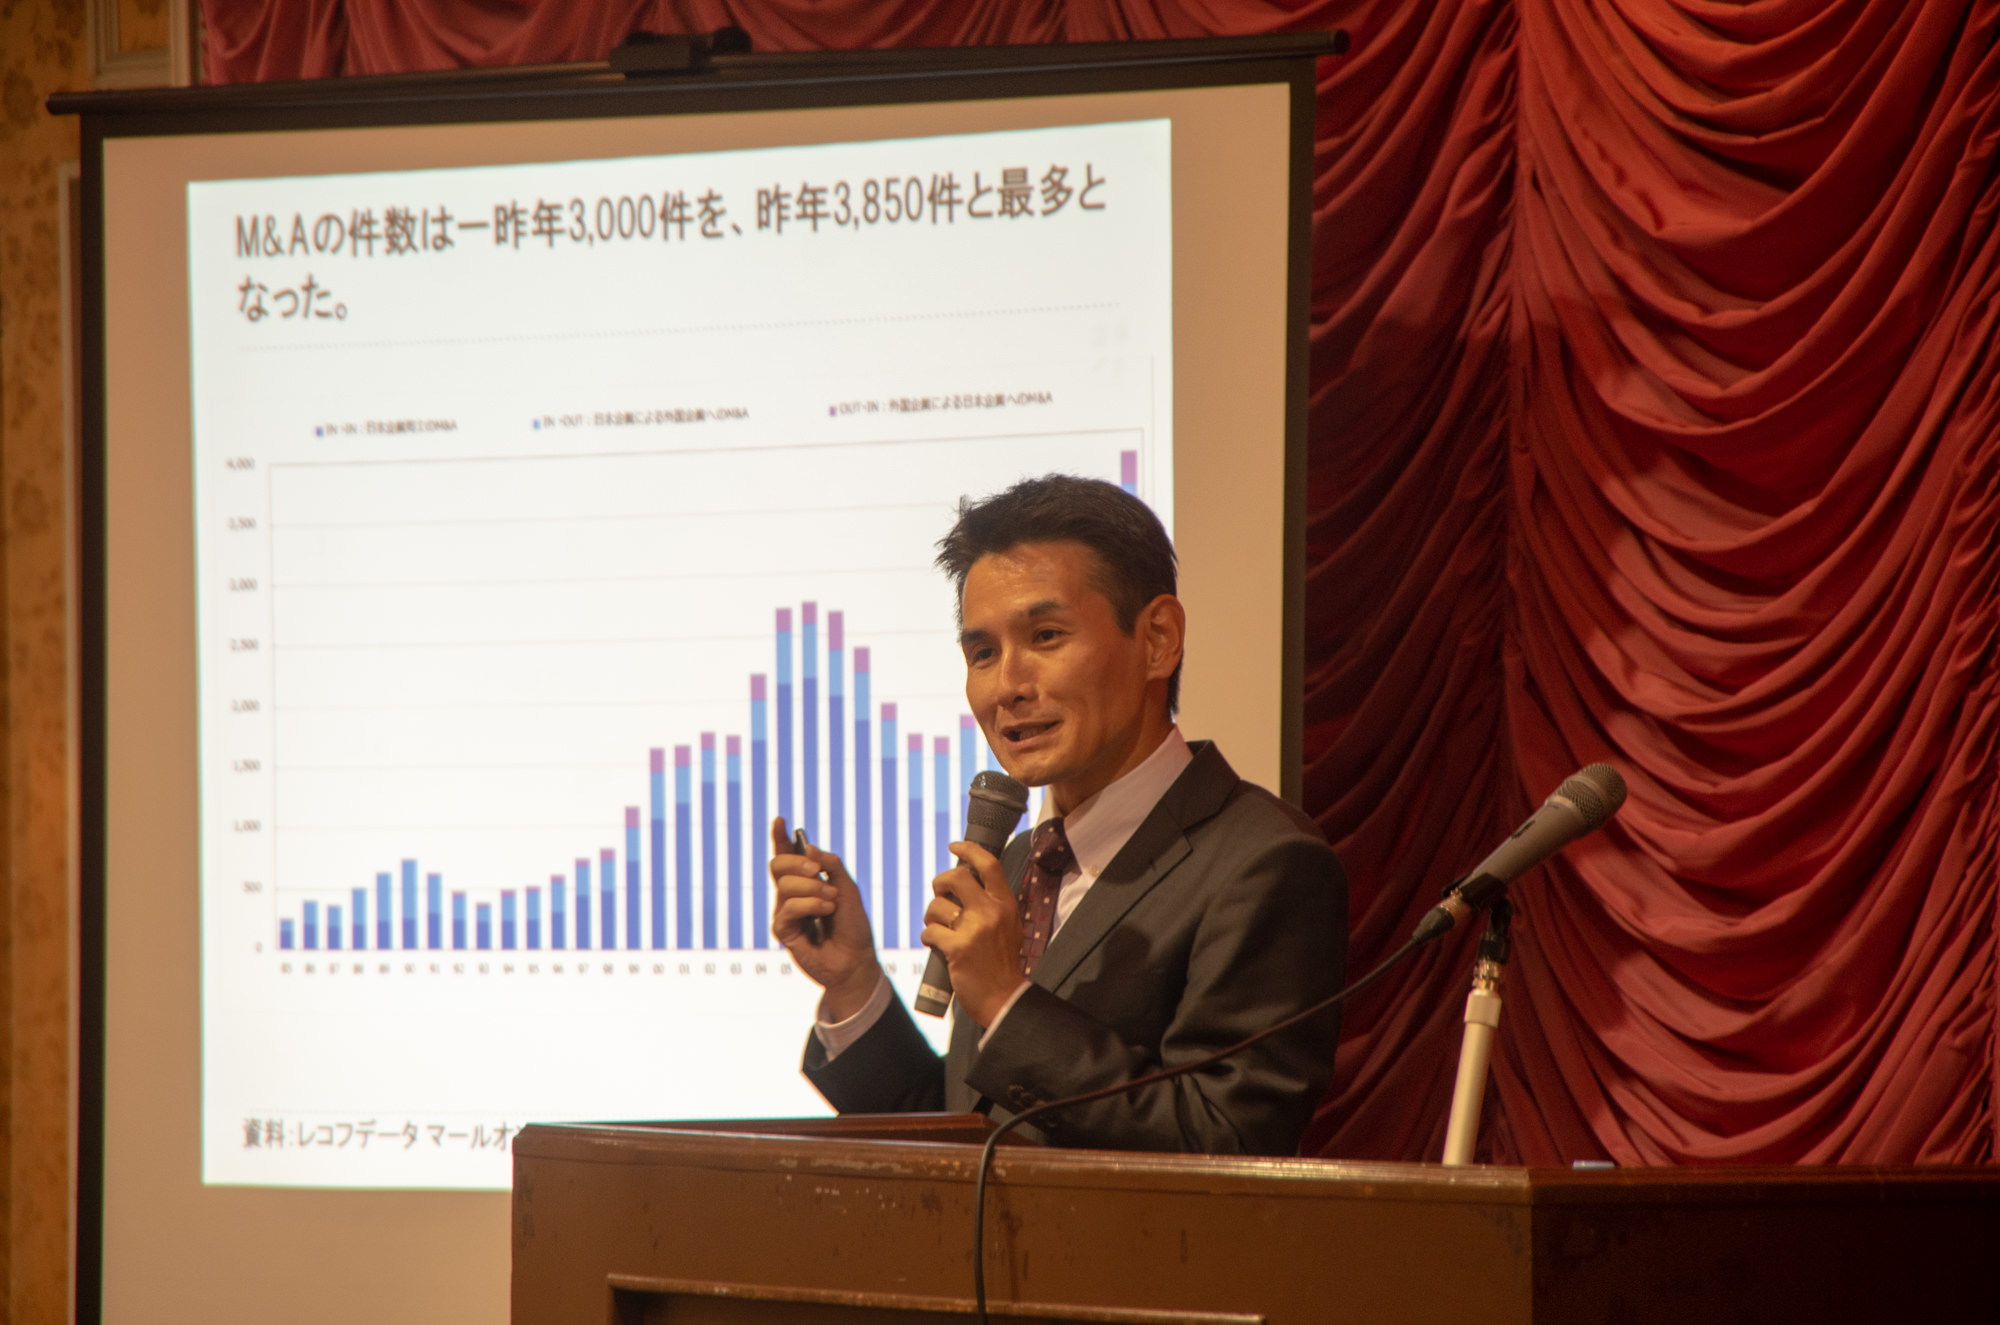 事業承継M&A講演会(2)